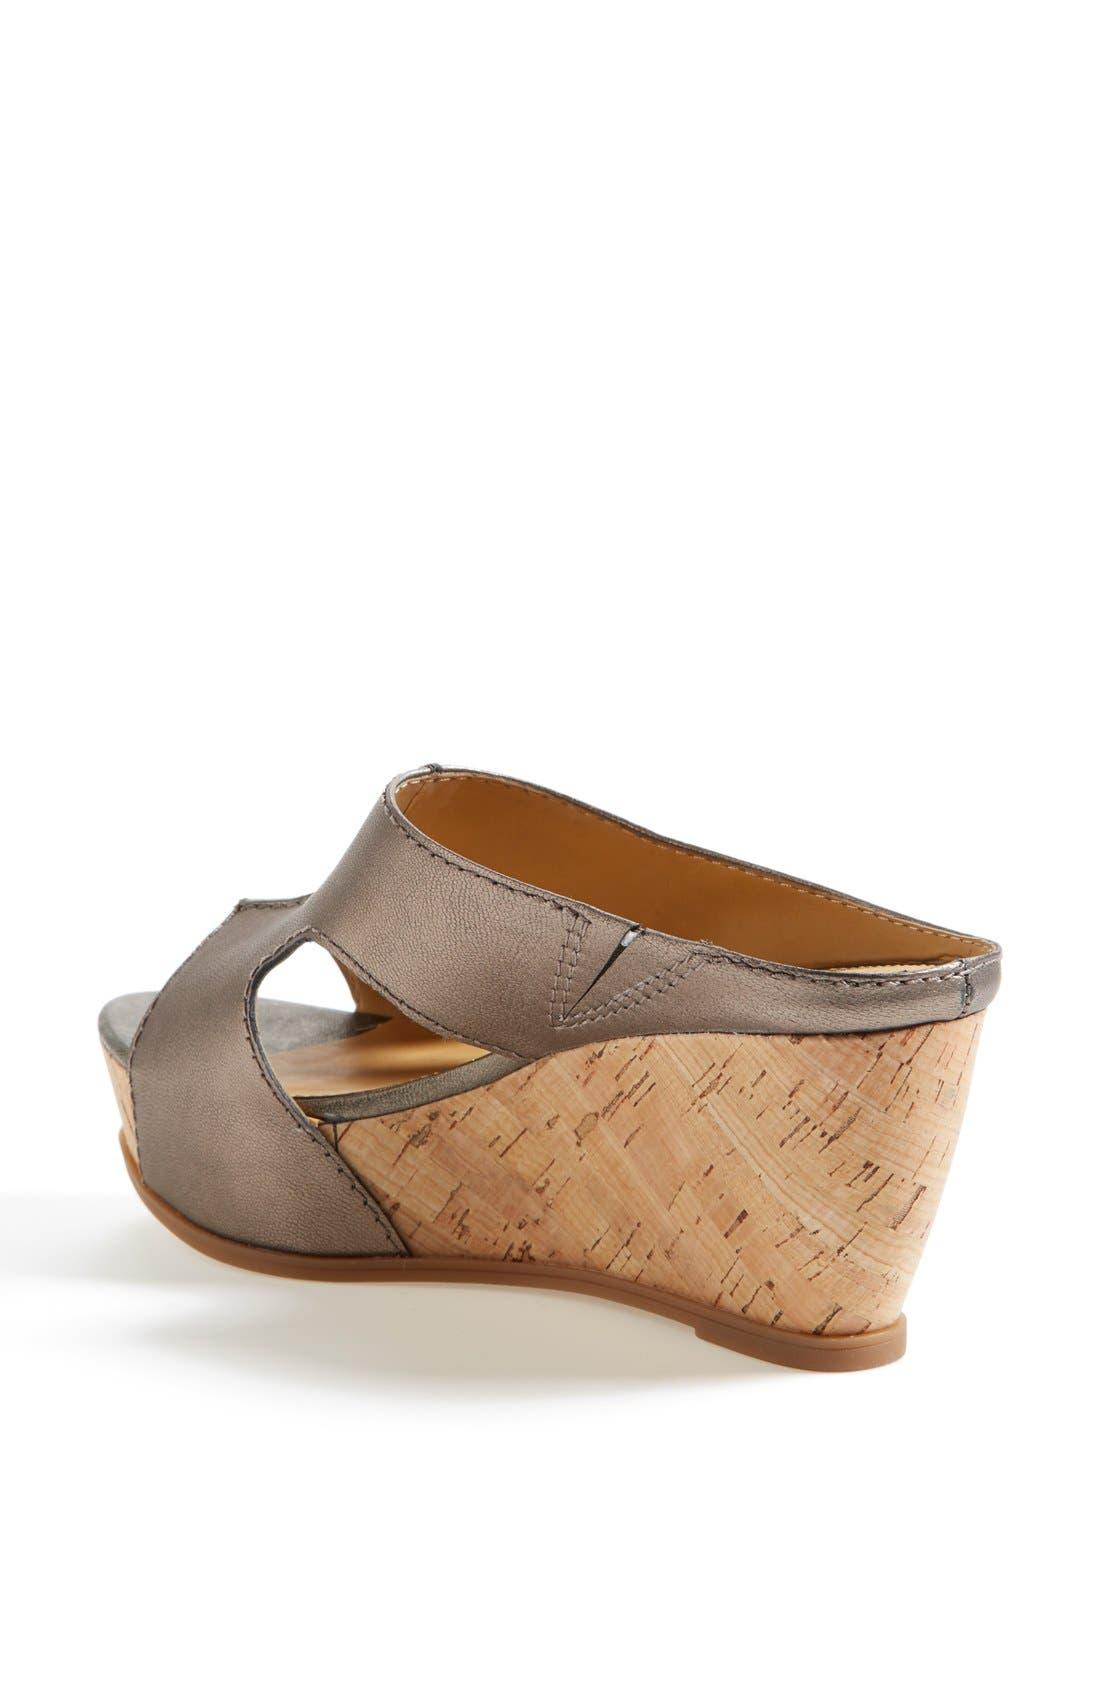 Alternate Image 2  - Franco Sarto 'Fiora' Sandal (Nordstrom Exclusive)